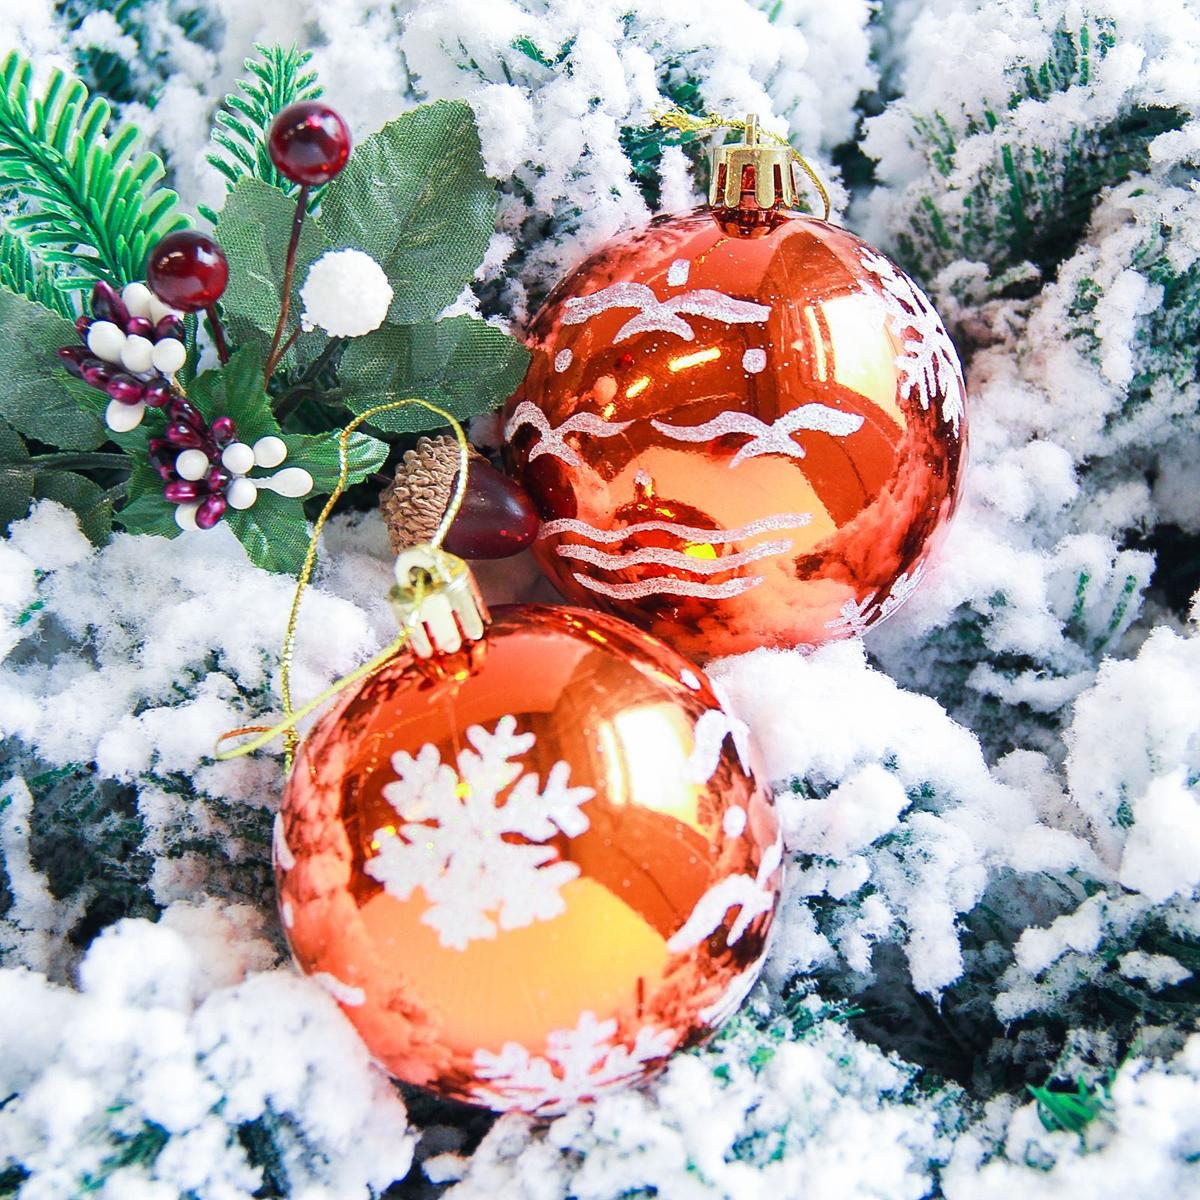 Набор новогодних подвесных украшений Sima-land Снегопад, цвет: оранжевый, диаметр 7 см, 6 шт2178202Набор новогодних подвесных украшений Sima-land отлично подойдет для декорации вашего дома и новогодней ели. С помощью специальной петельки украшение можно повесить в любом понравившемся вам месте. Но, конечно, удачнее всего оно будет смотреться на праздничной елке. Елочная игрушка - символ Нового года. Она несет в себе волшебство и красоту праздника. Создайте в своем доме атмосферу веселья и радости, украшая новогоднюю елку нарядными игрушками, которые будут из года в год накапливать теплоту воспоминаний.